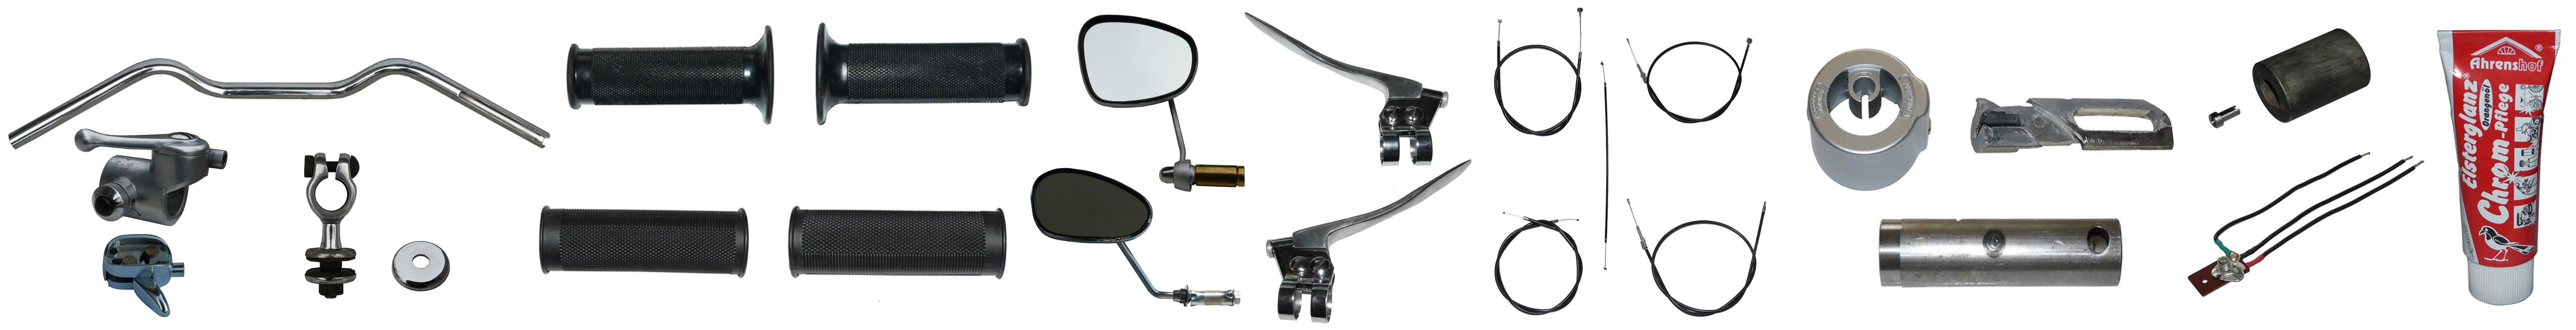 EMW R 35 Ersatzteile Lenker Armaturen